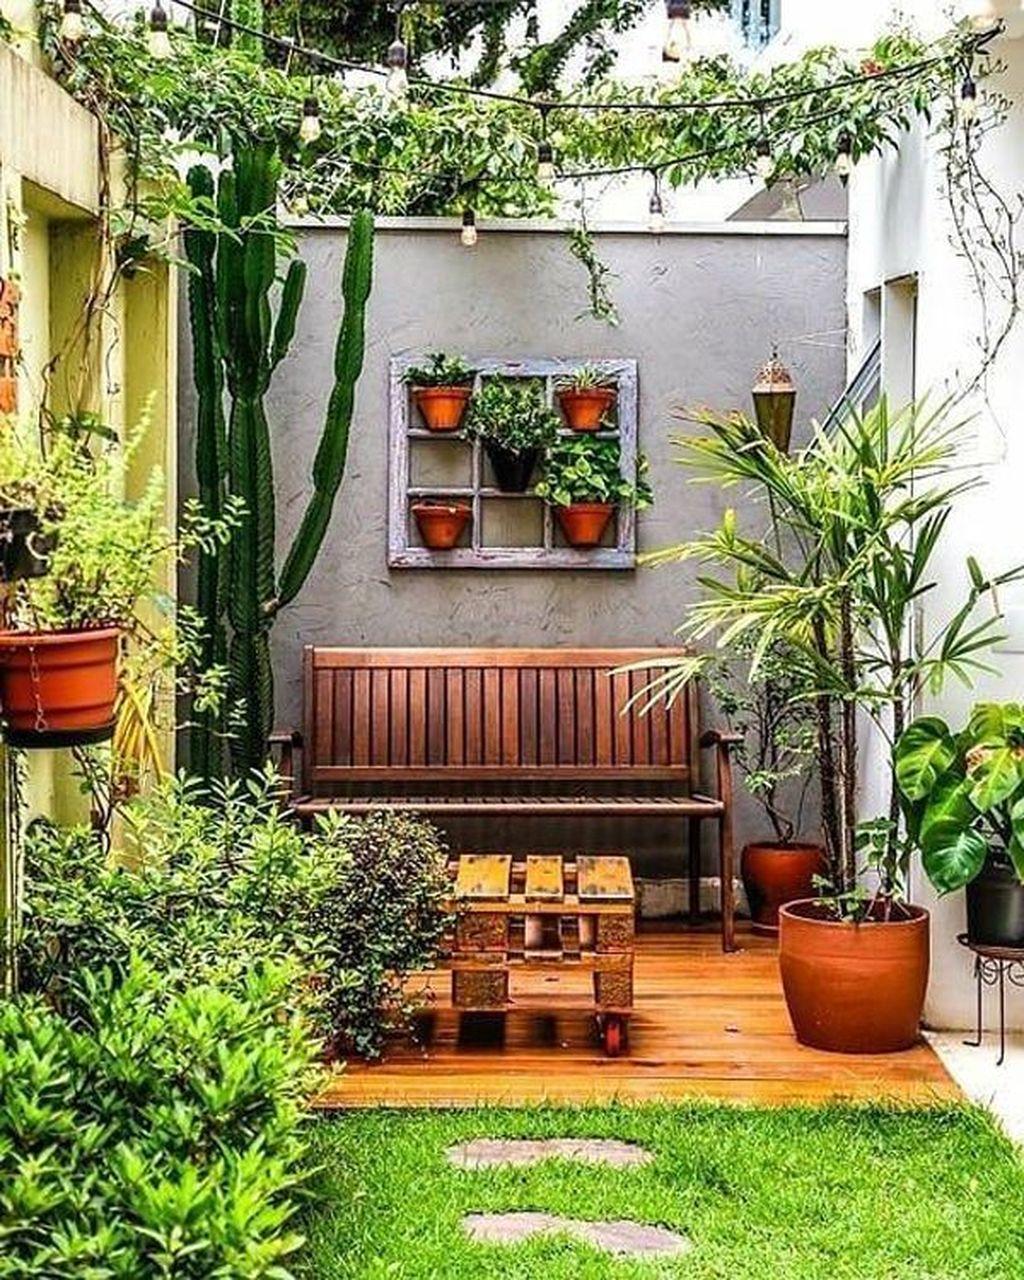 Trending Patio Garden Design Ideas Best For Summertime 10